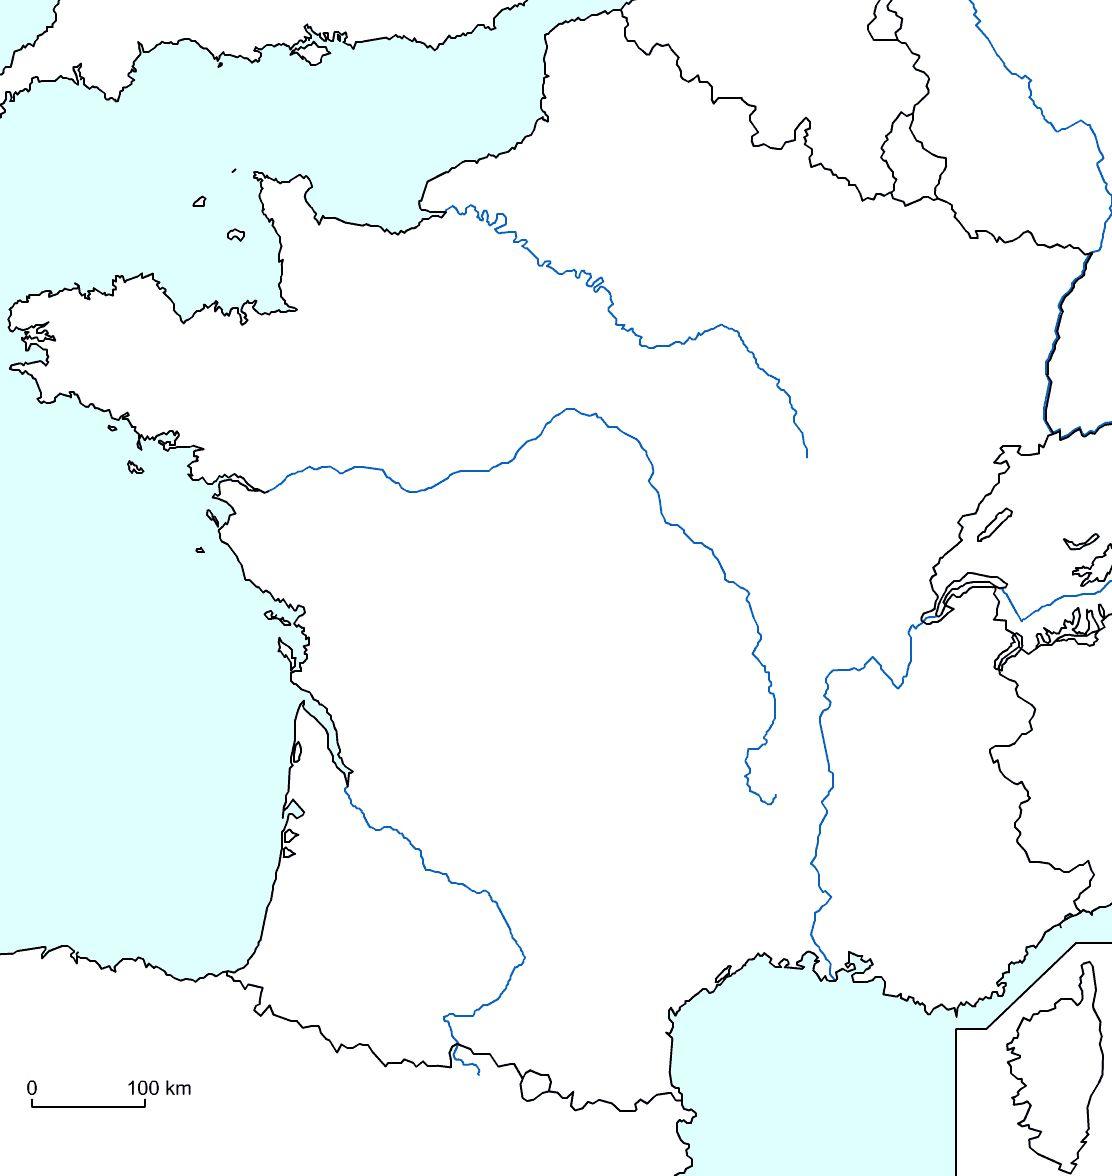 Exercice Carte De France   My blog